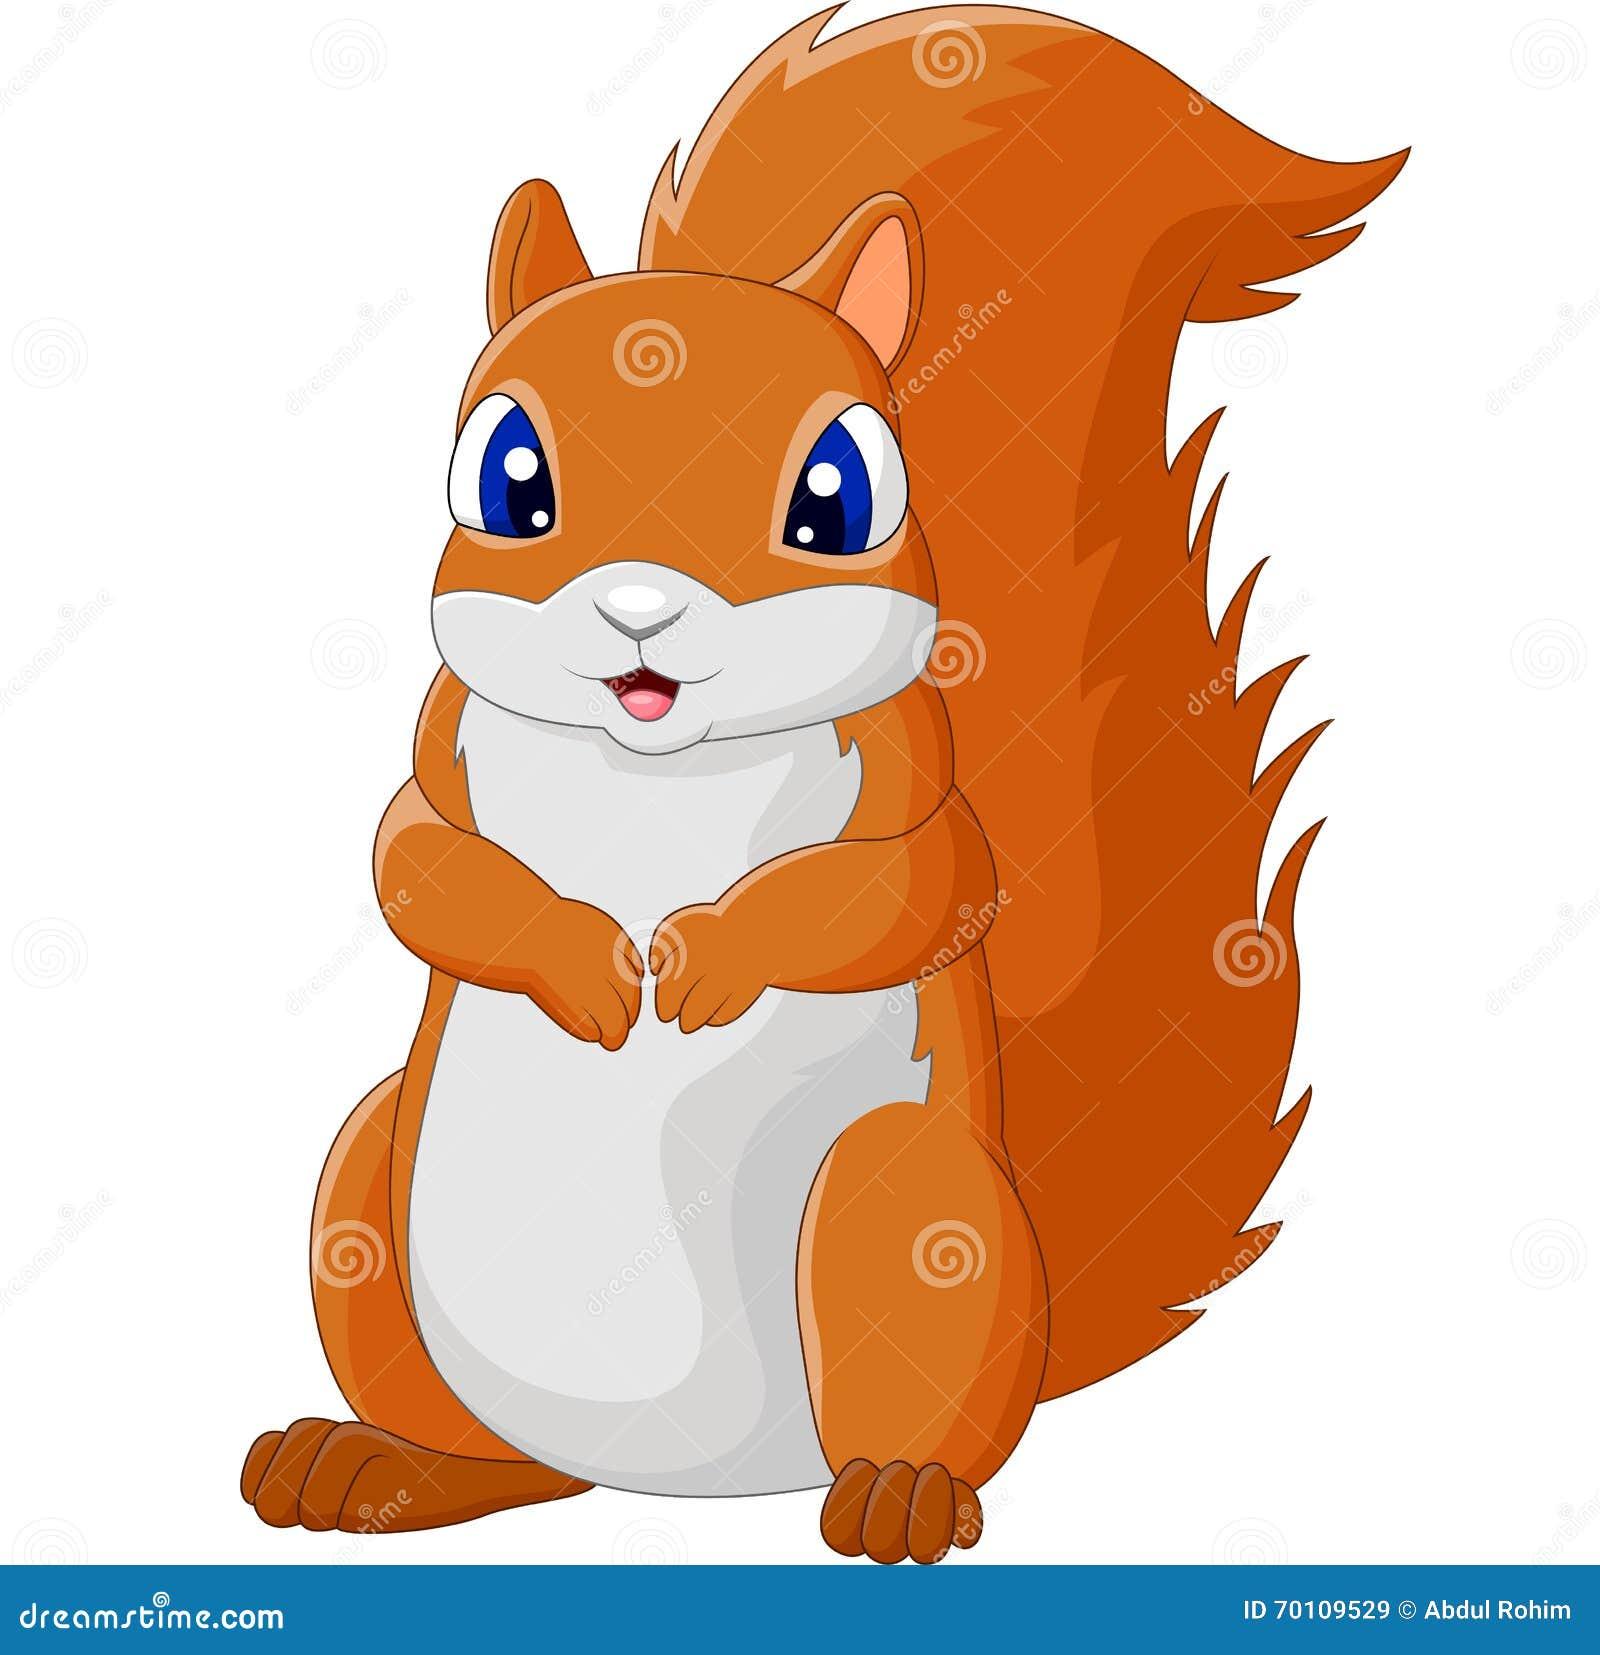 Cartoon Adorable Squirrel Stock Vector Image 70109529